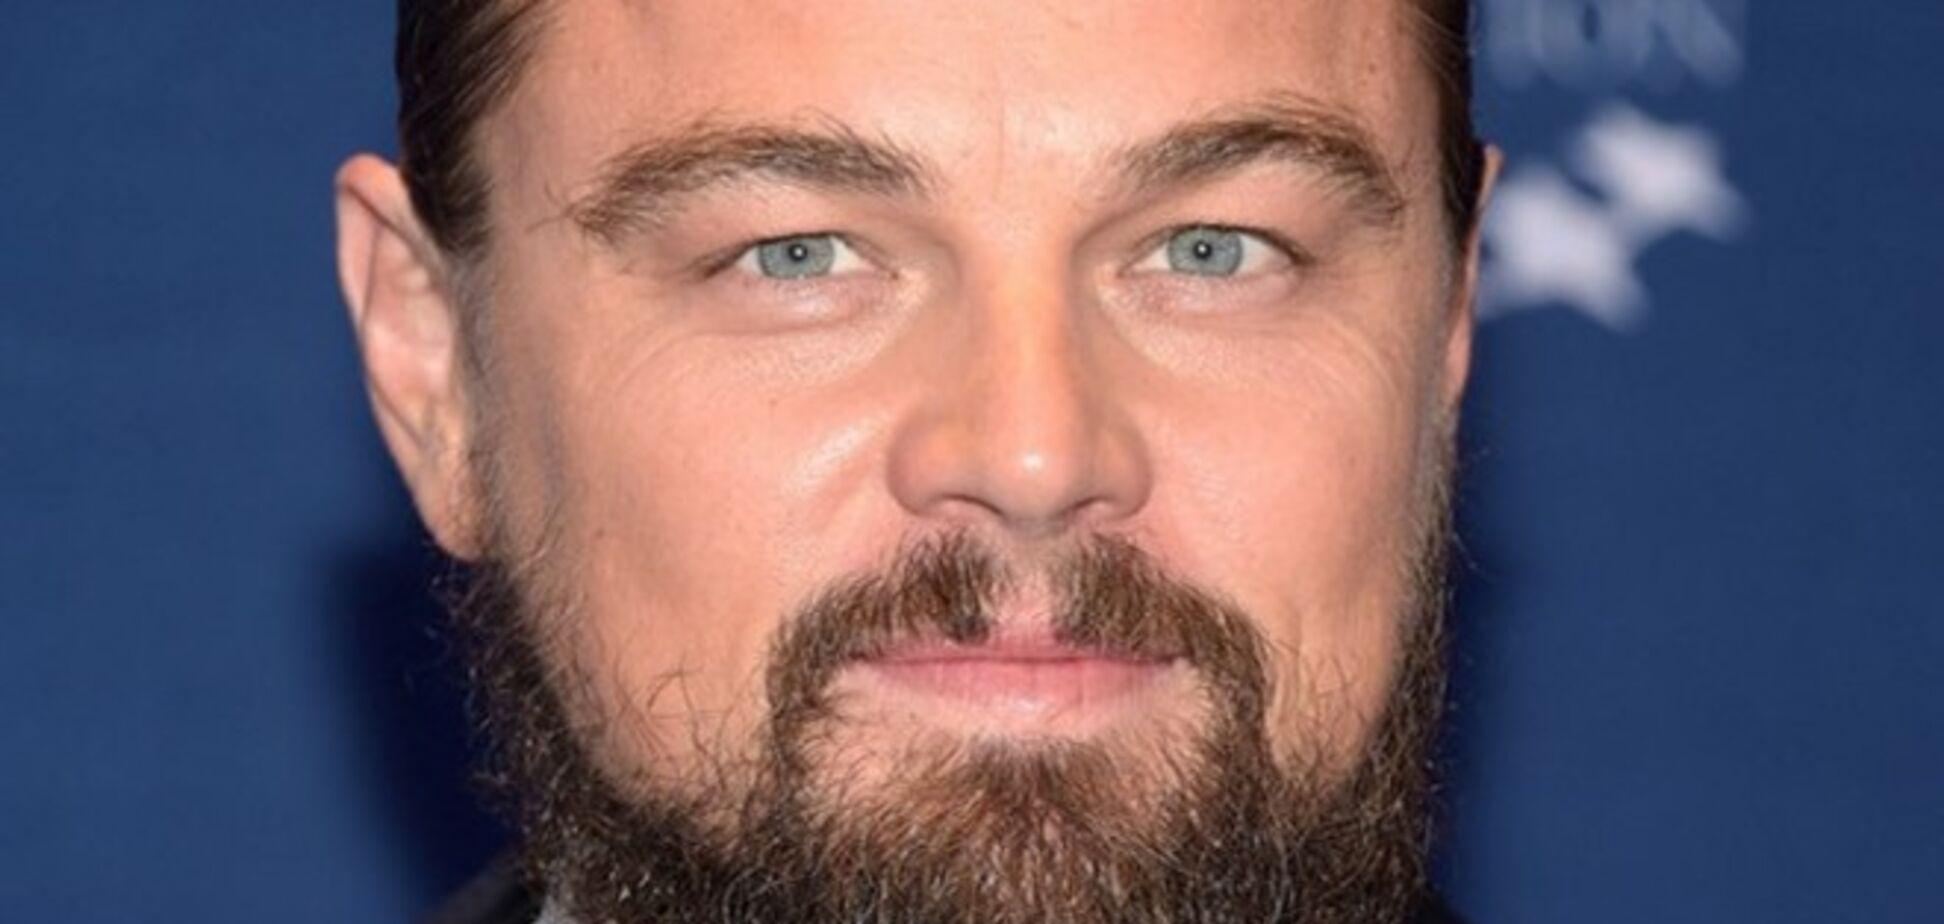 Эксперт объяснила, почему борода стала трендом и какие комплексы скрывают под ней мужчины